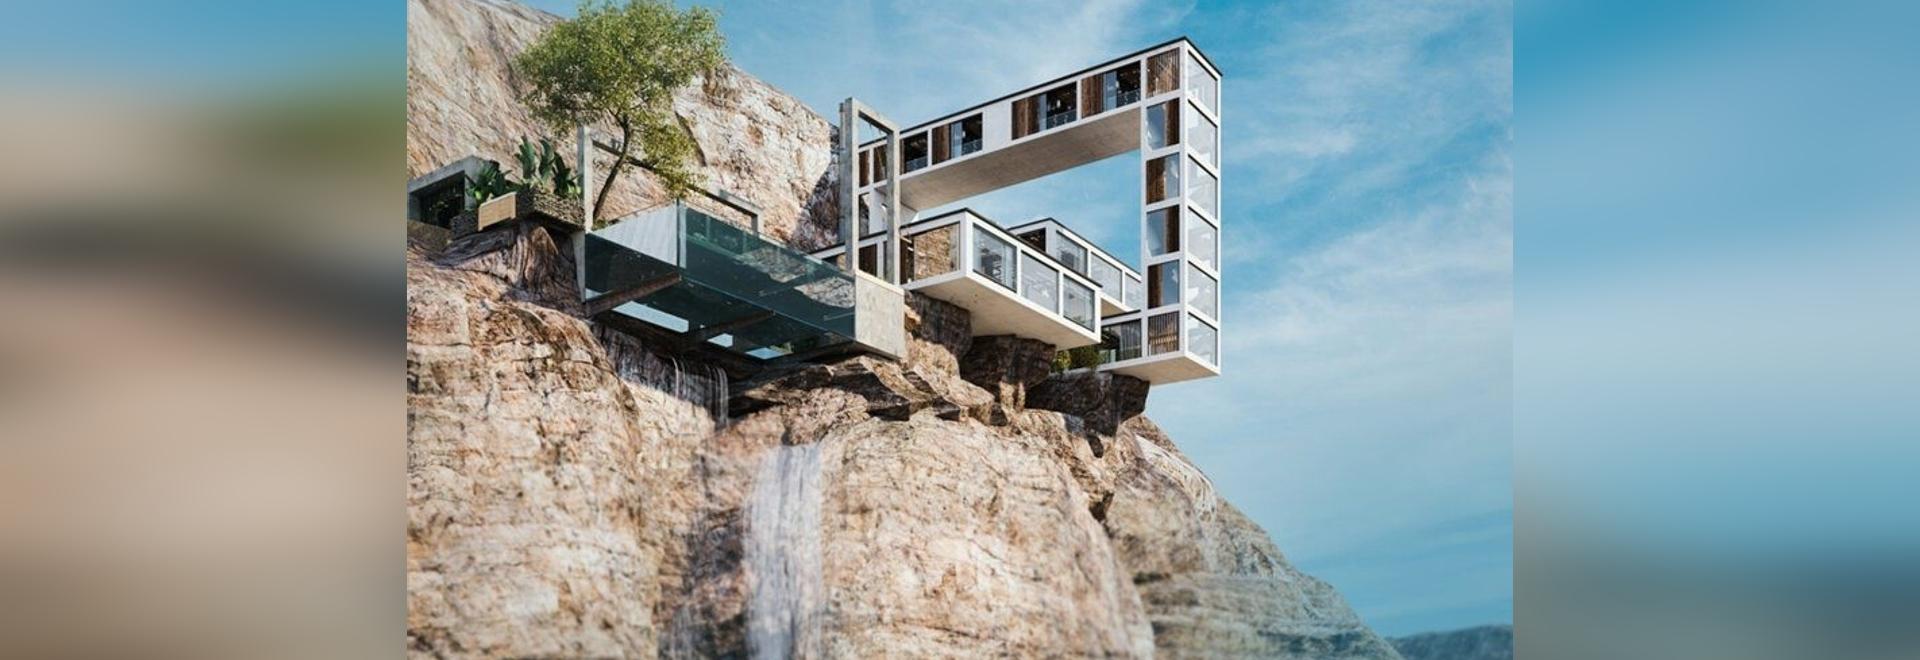 """La """"maison de montagne"""" en porte-à-faux de Milad Eshtiyaghi serpente au-dessus d'une falaise en trois dimensions"""